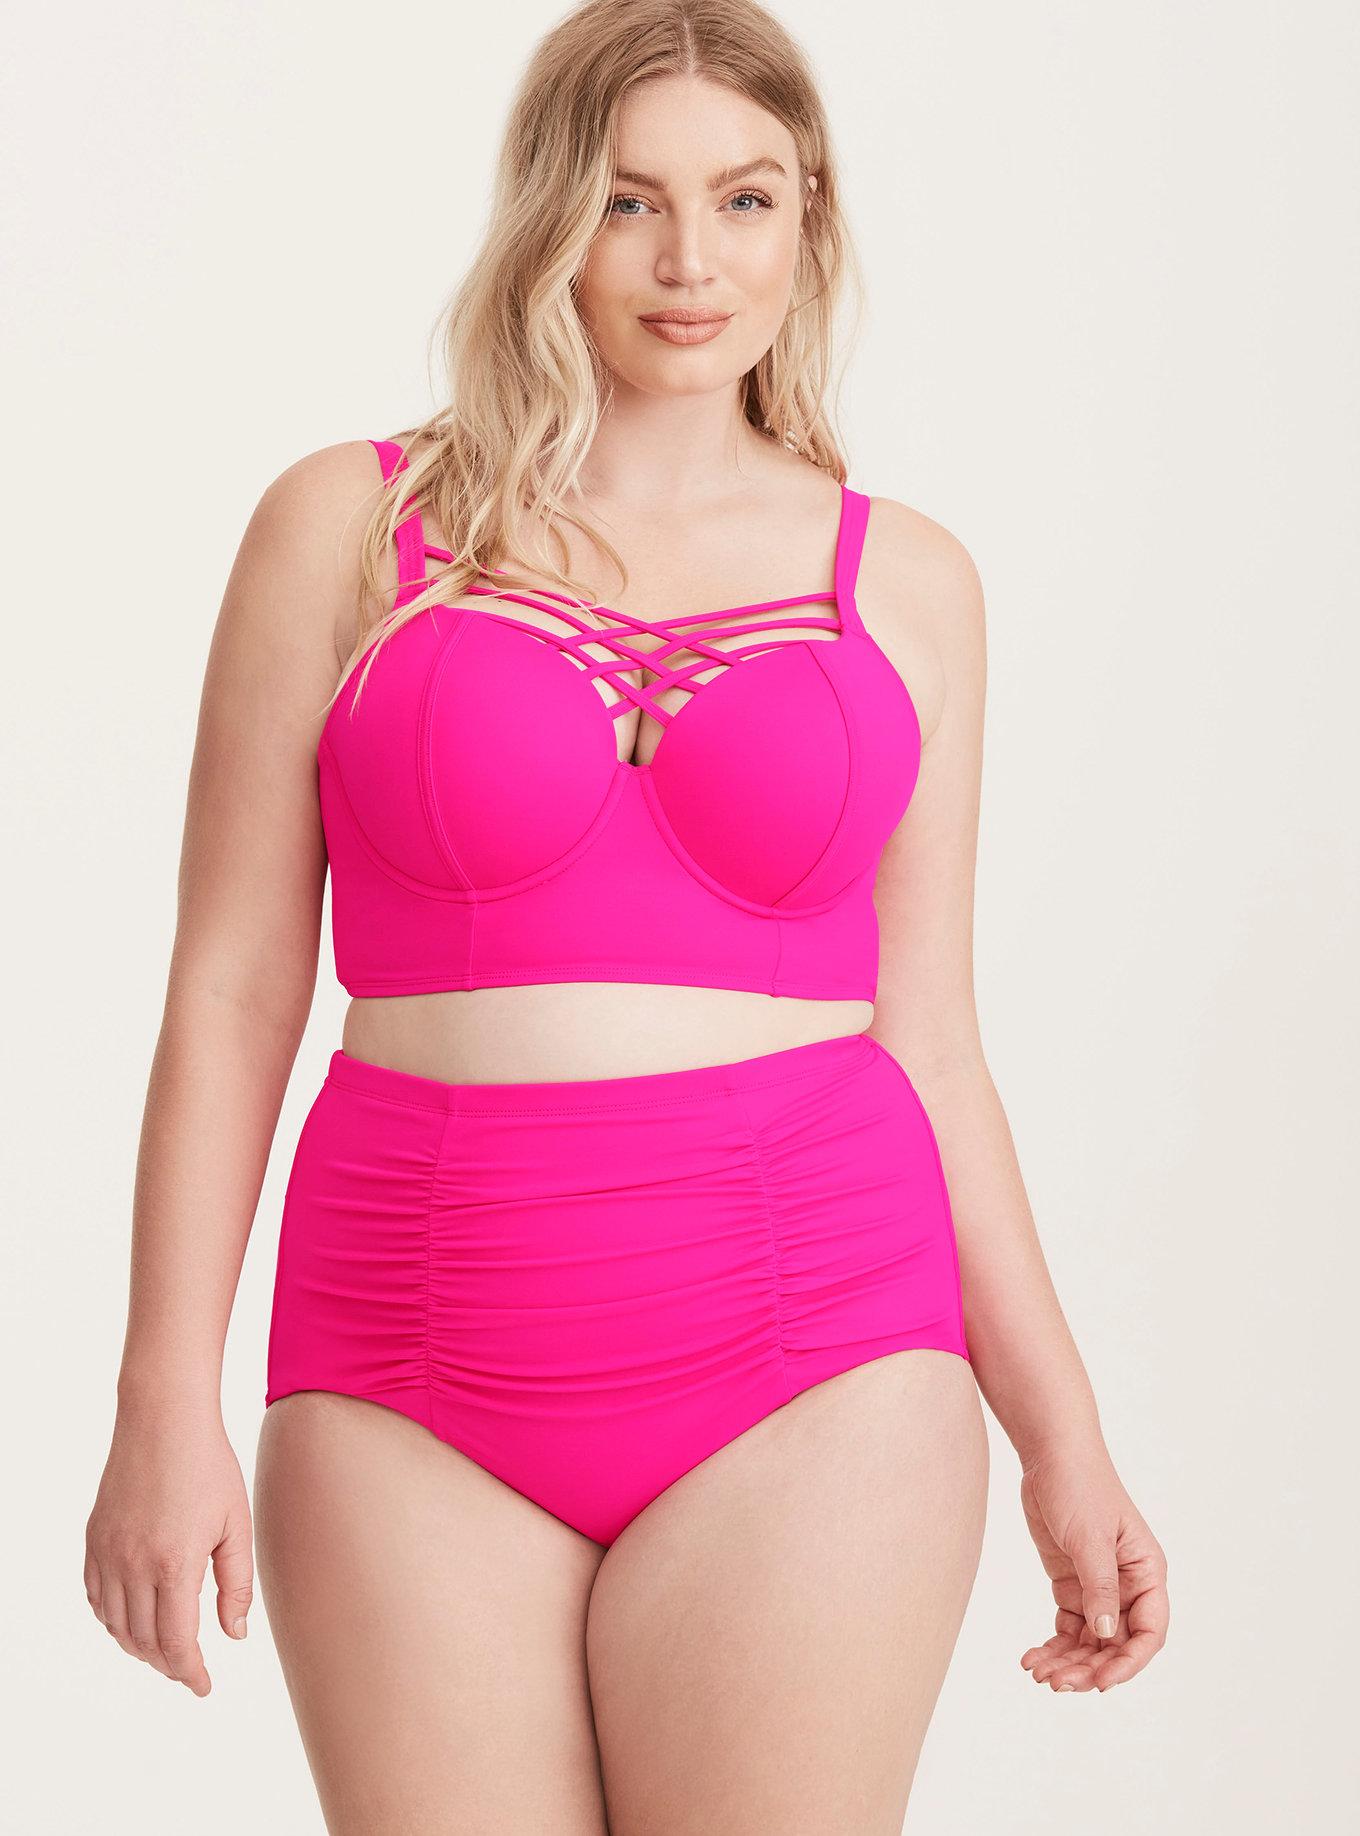 14c1b2f8a5b6e Ready For Swim? Here are 50 Plus Size Swimsuits Under $100!